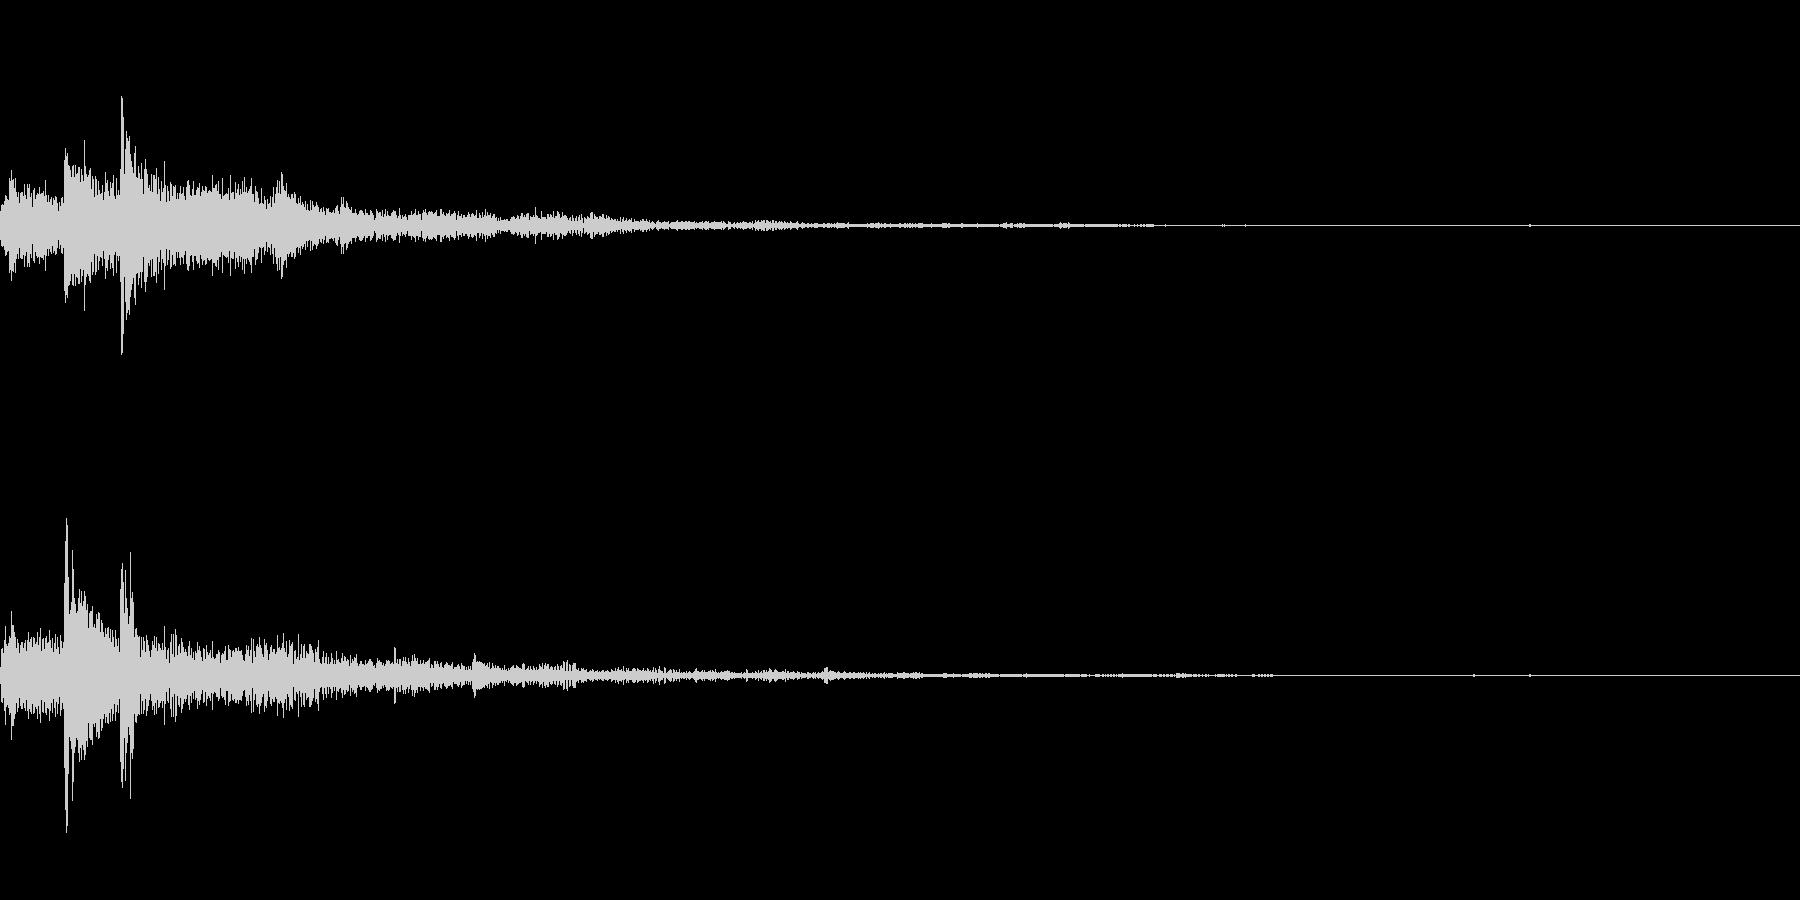 ぽろん♪(連鎖03)の未再生の波形